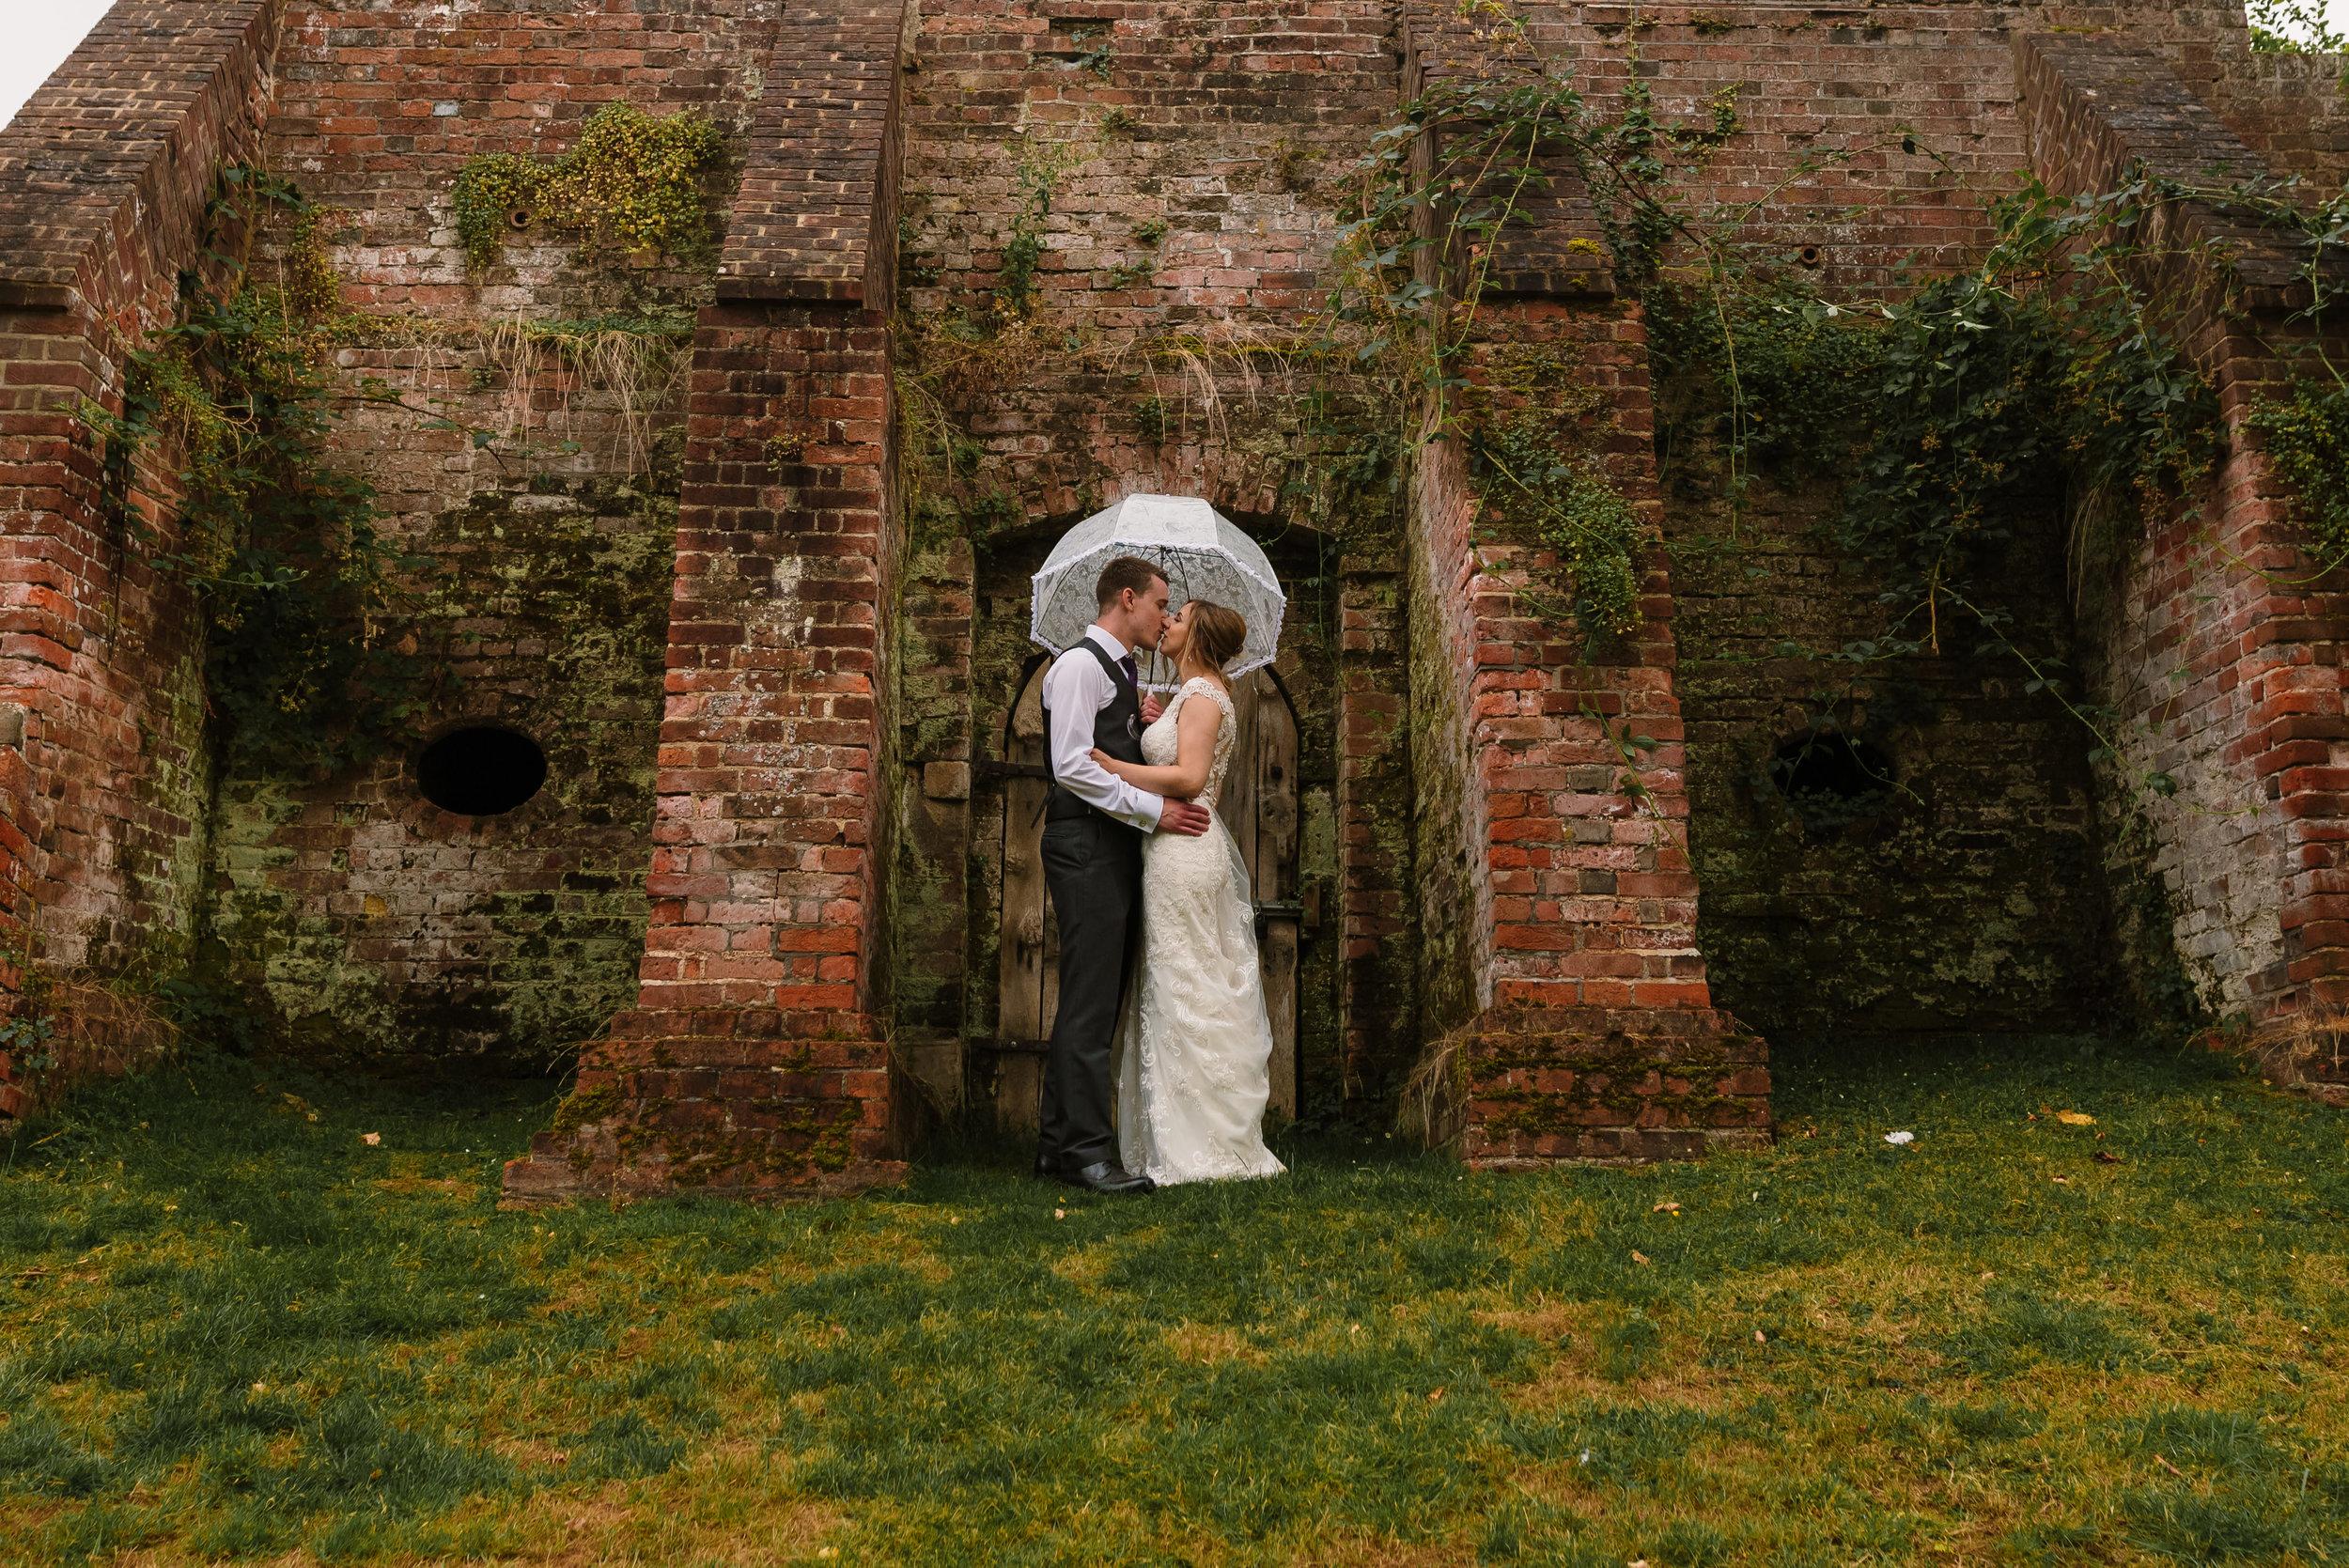 Hampshire Wedding Photographer Hampshire : Ufton-Court-Wedding : Barn-wedding-venue-hampshire : sarah-fishlock-photography : hampshire-barn-wedding-1061.jpg